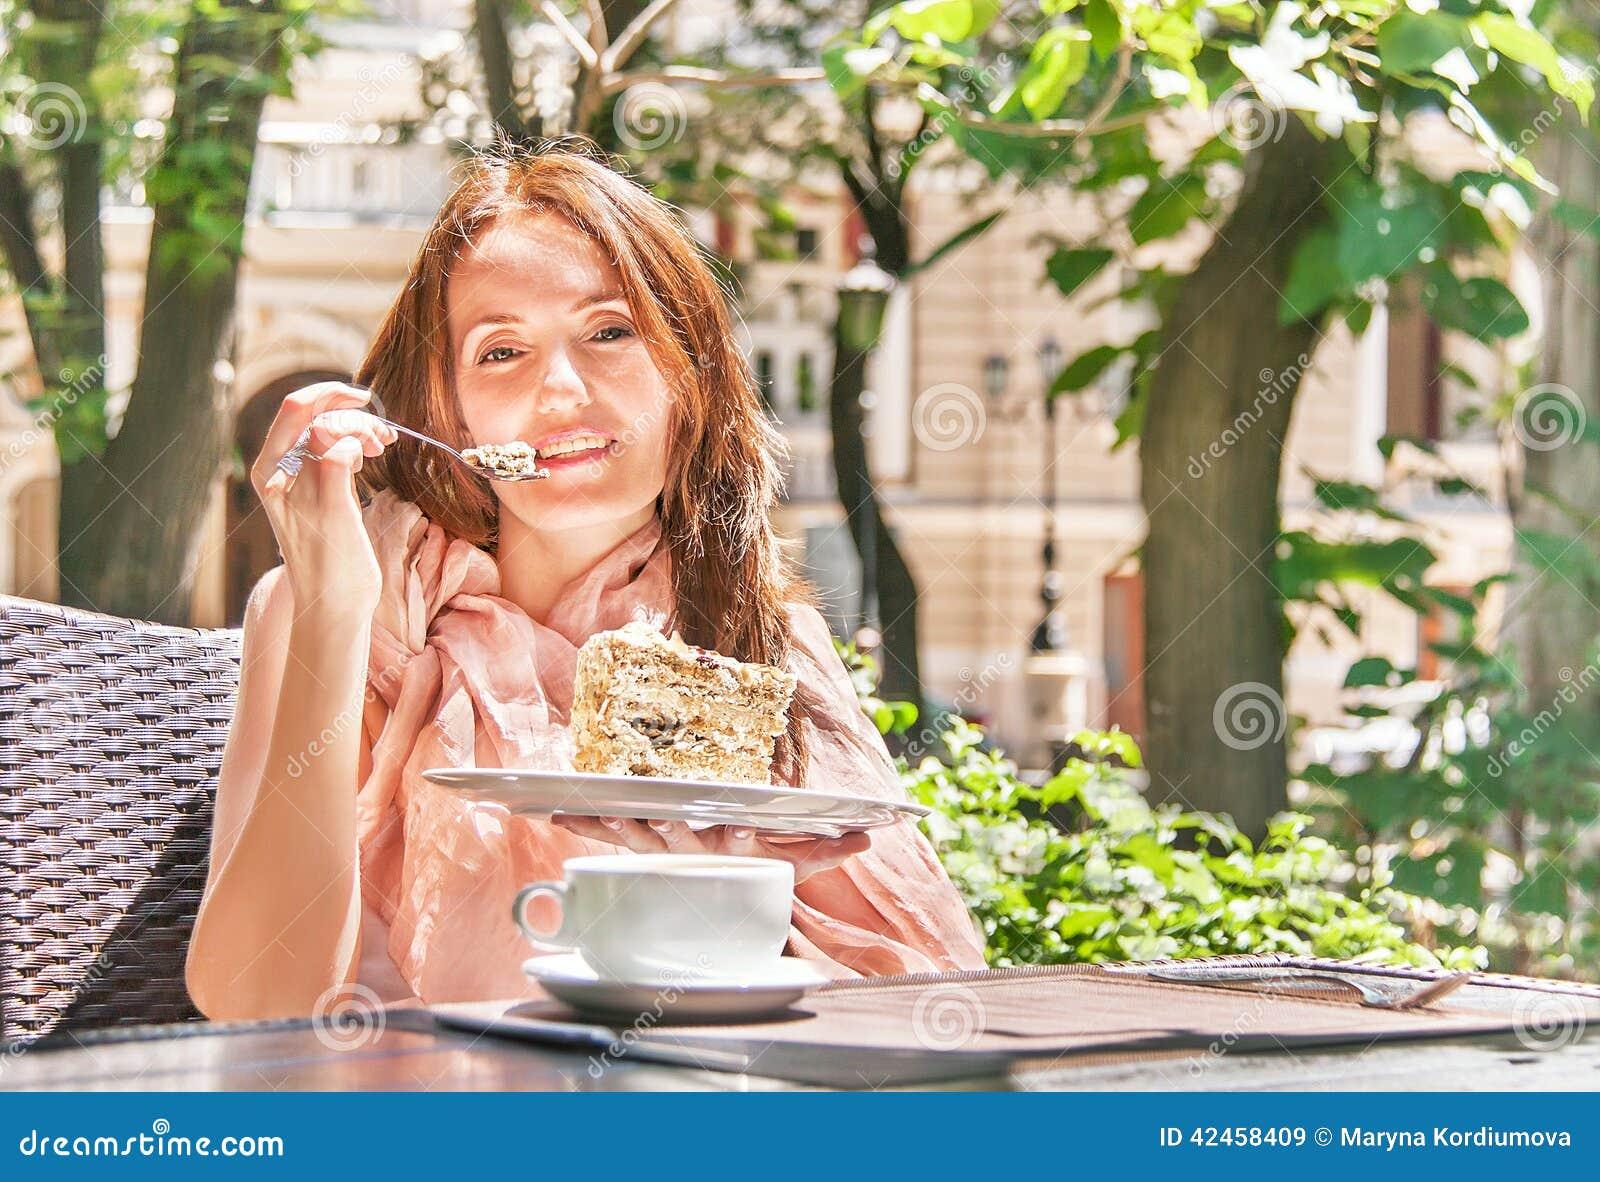 Mädchen isst einen Nachtisch (Kuchen) im café